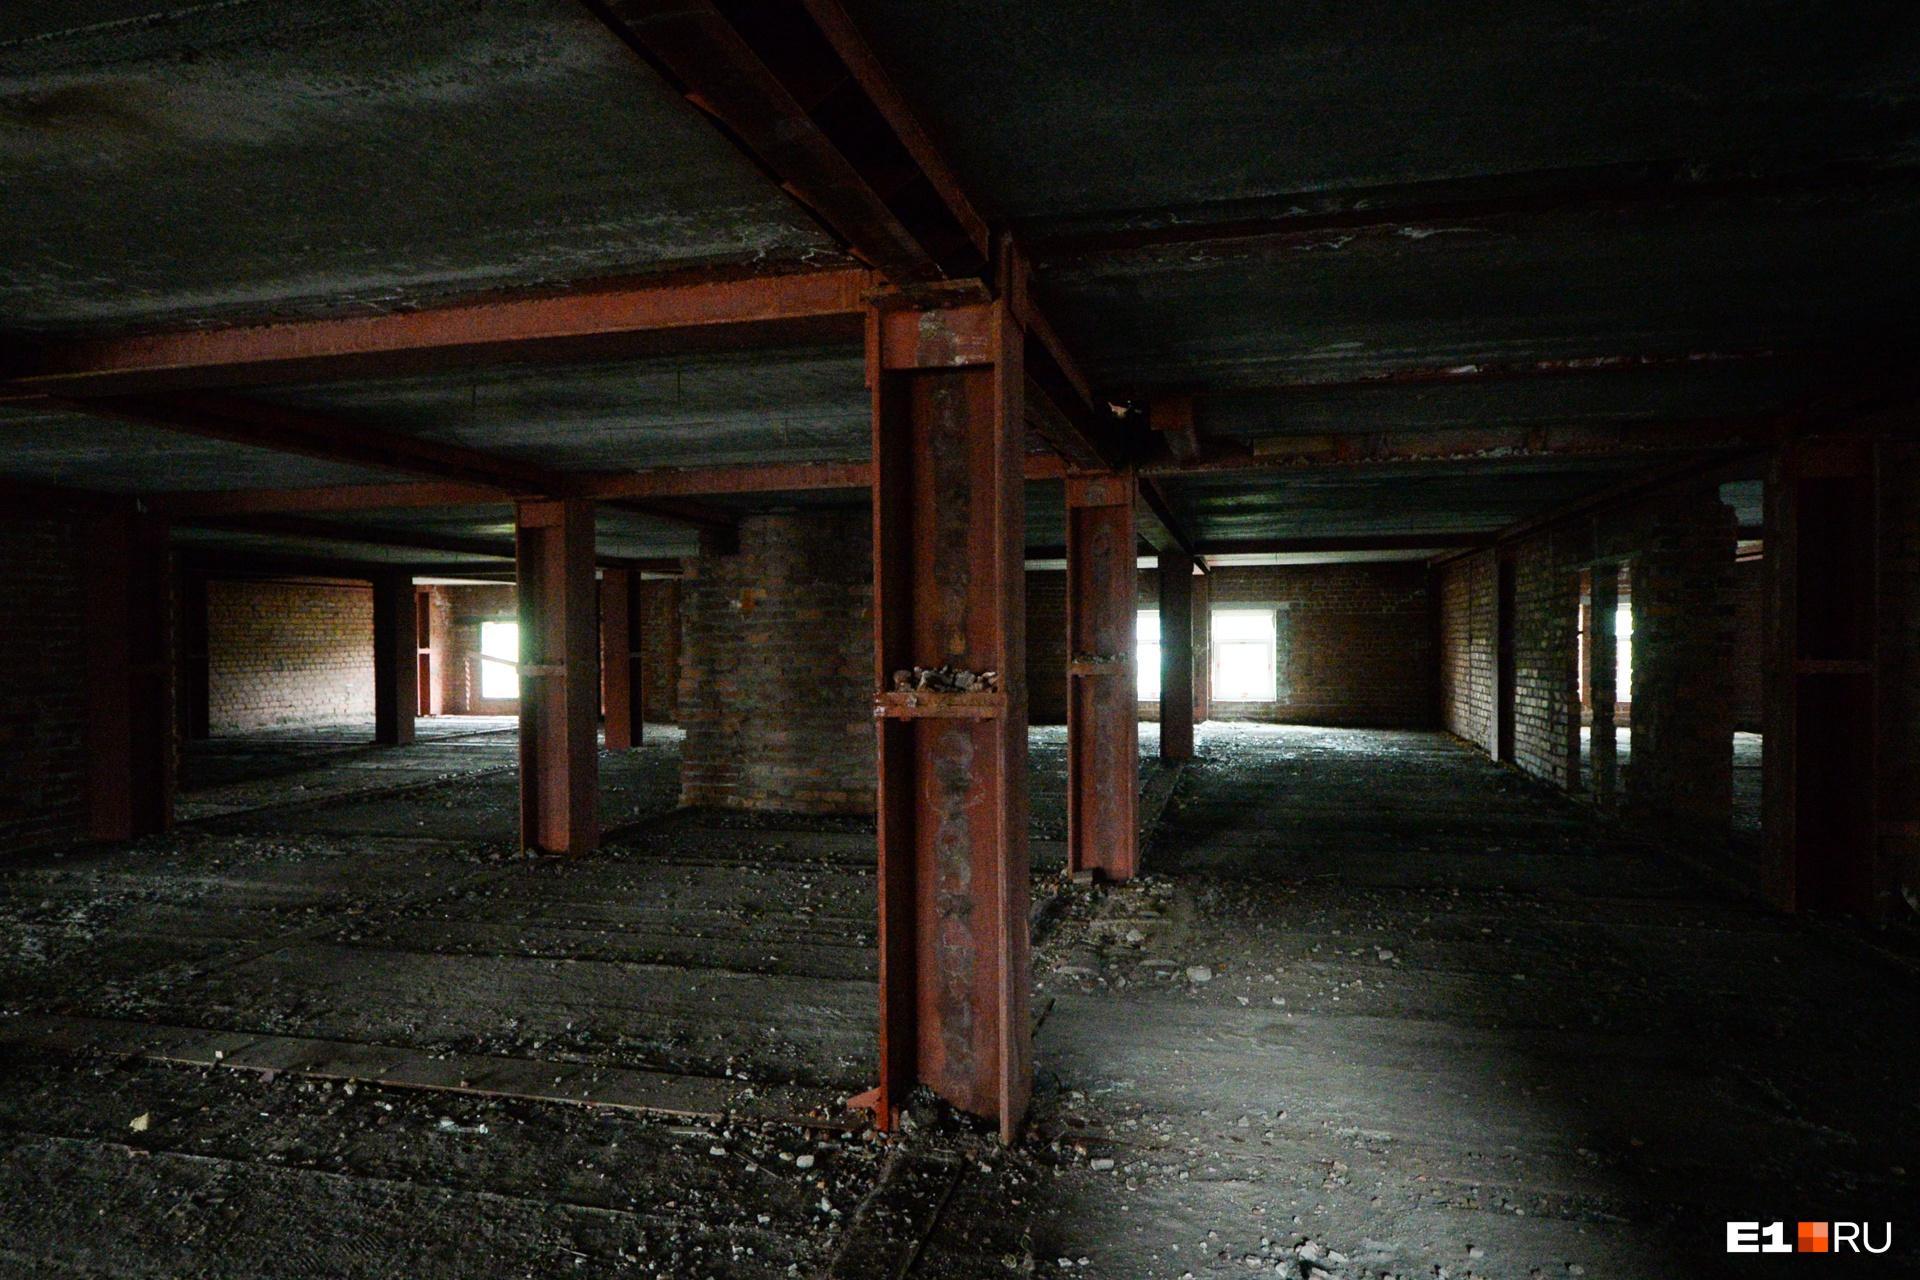 Немного напоминает подземный паркинг, правда?